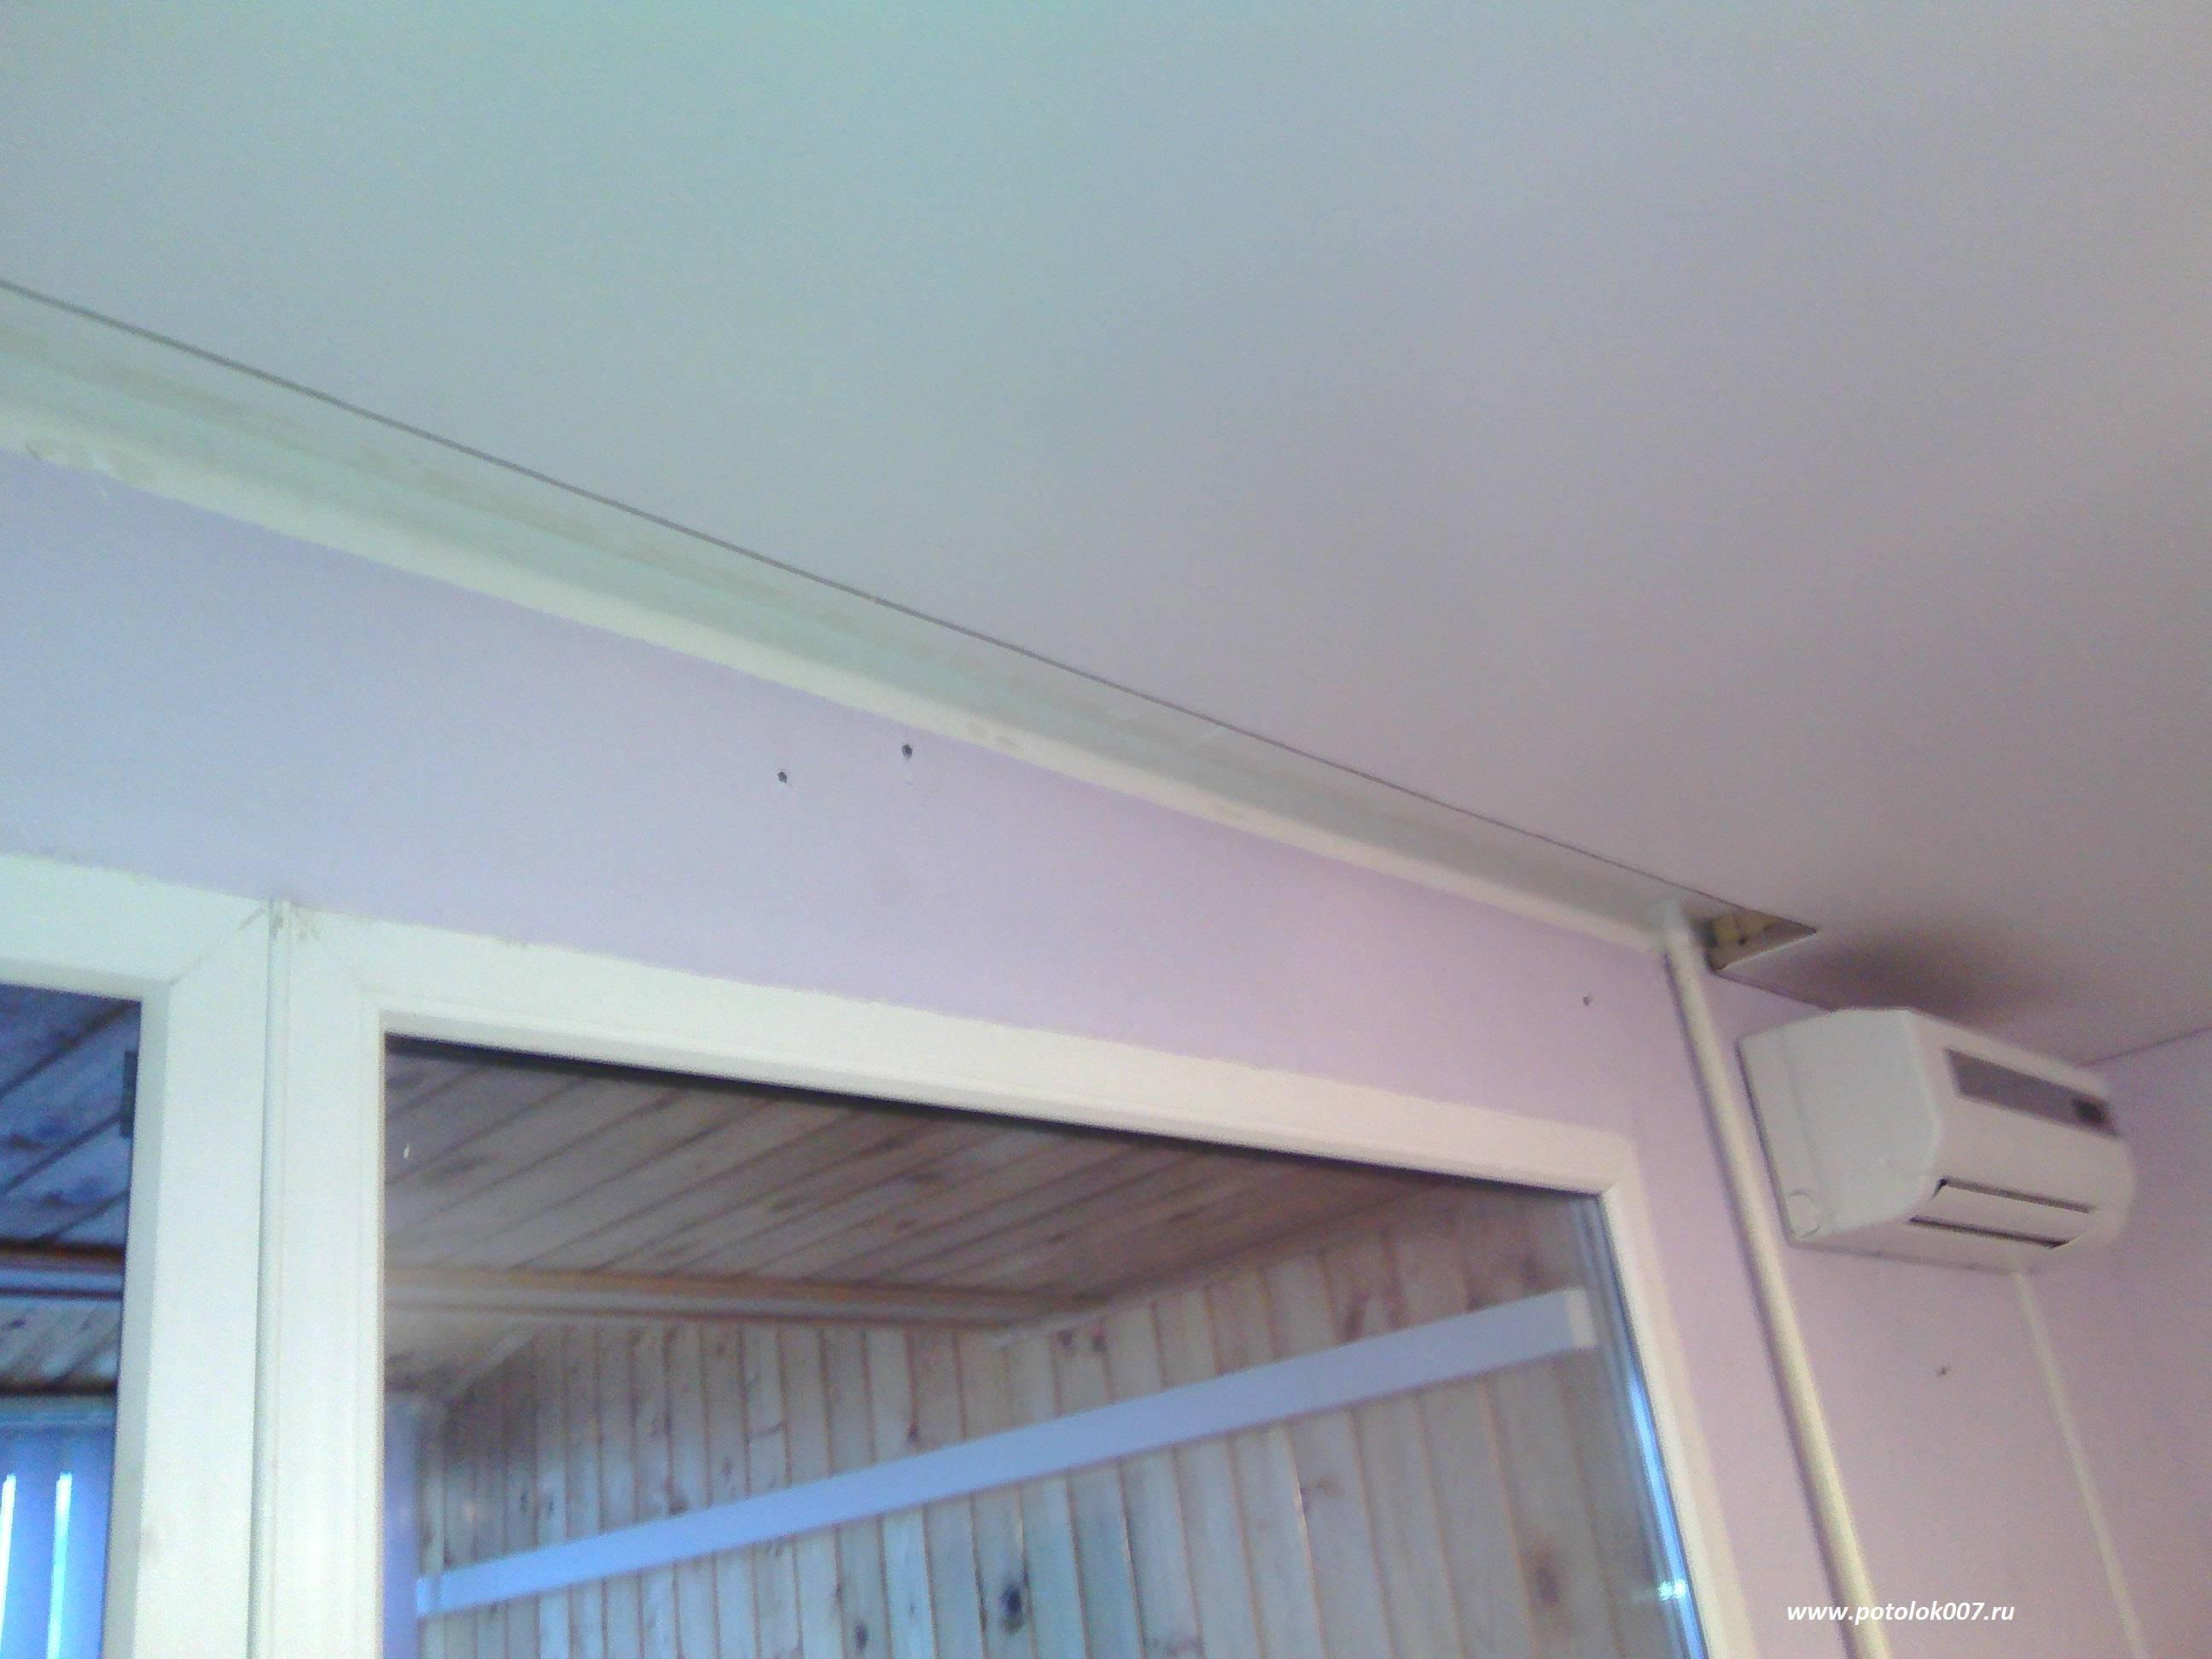 Натяжные потолки и шторы, как повесить занавески своими руками: инструкция, фото и видео